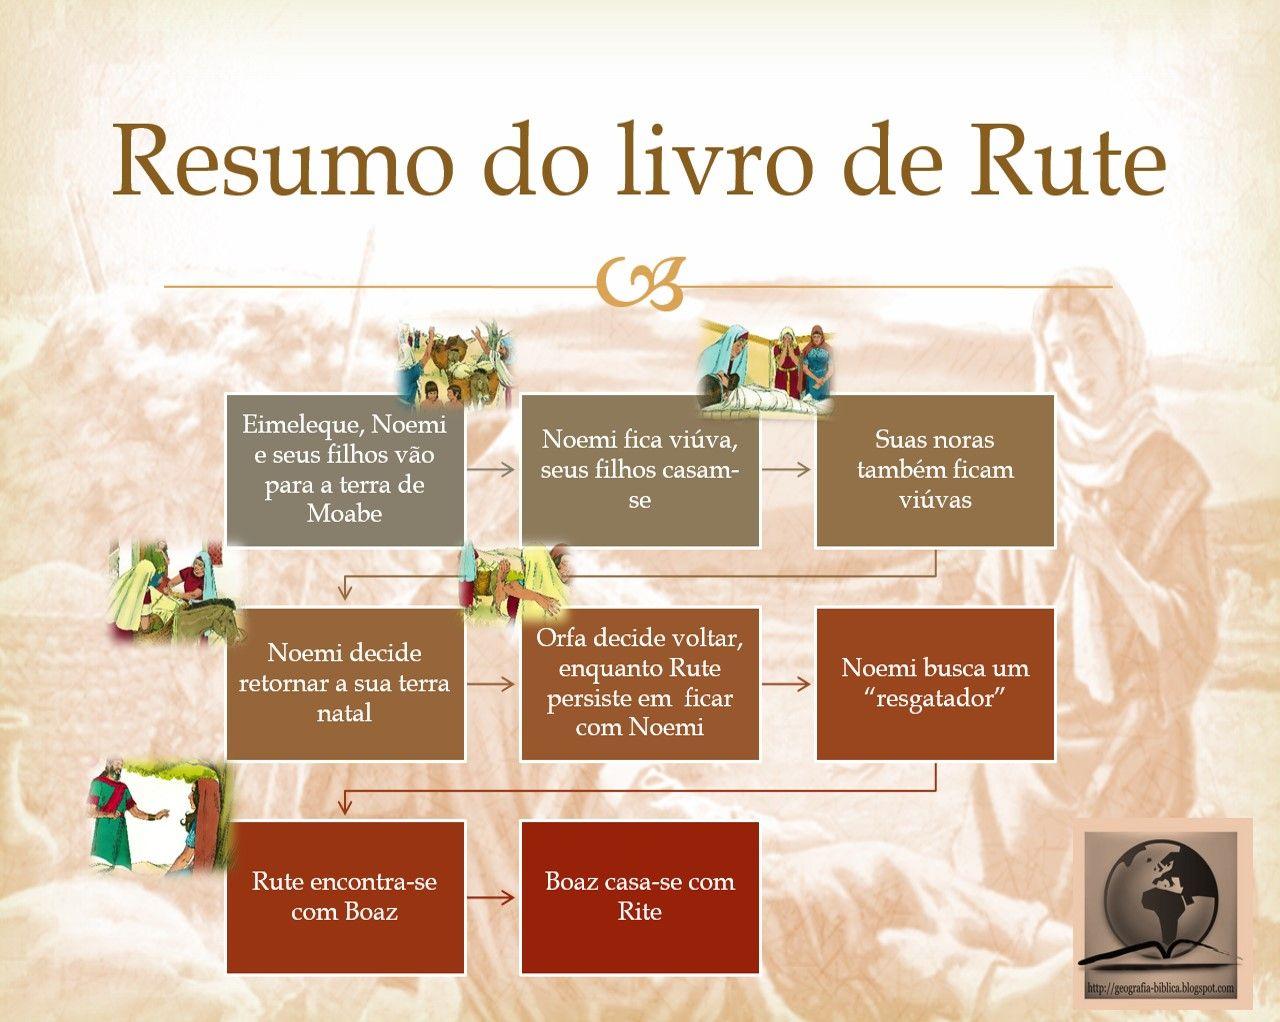 Livro De Rute Com Imagens Livro De Rute Palavras Ilustradas